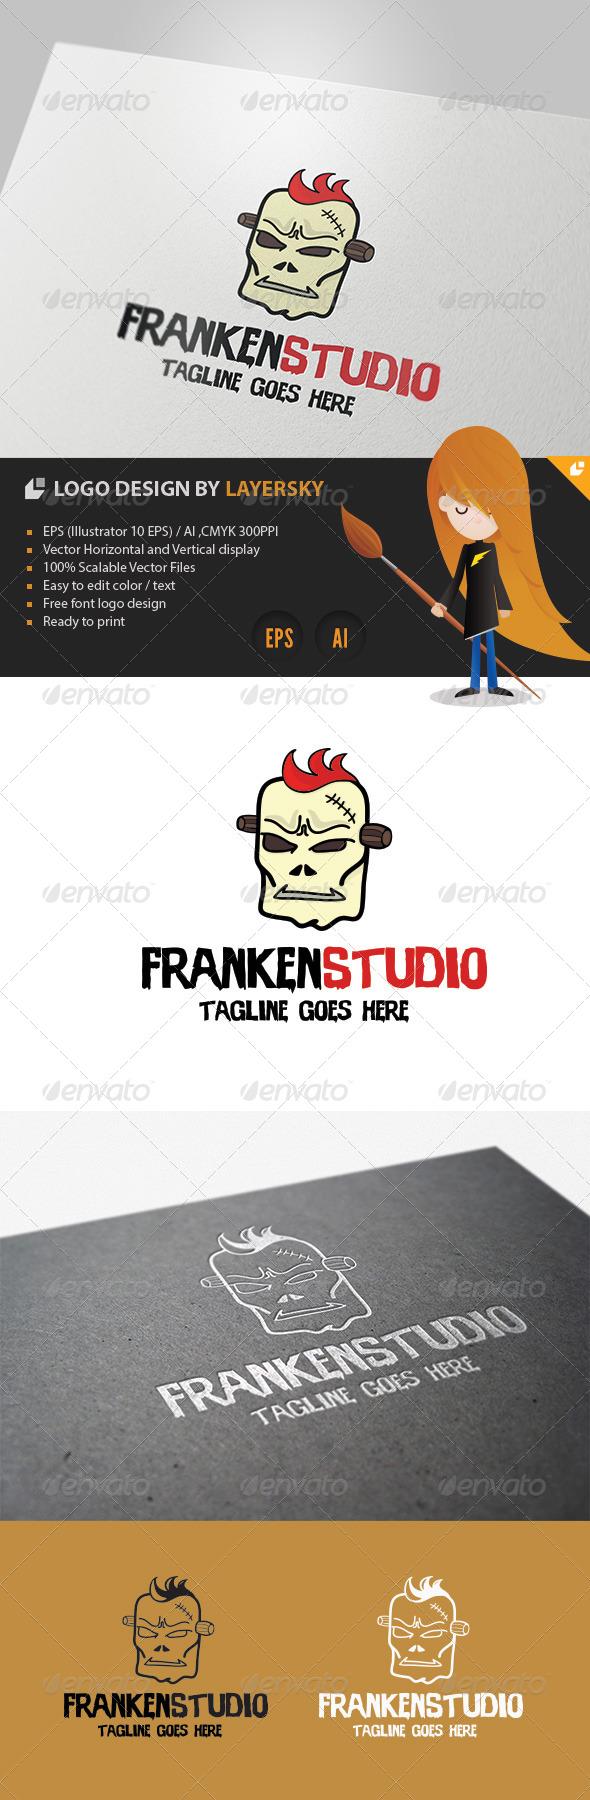 Franken Studio Logo - Vector Abstract